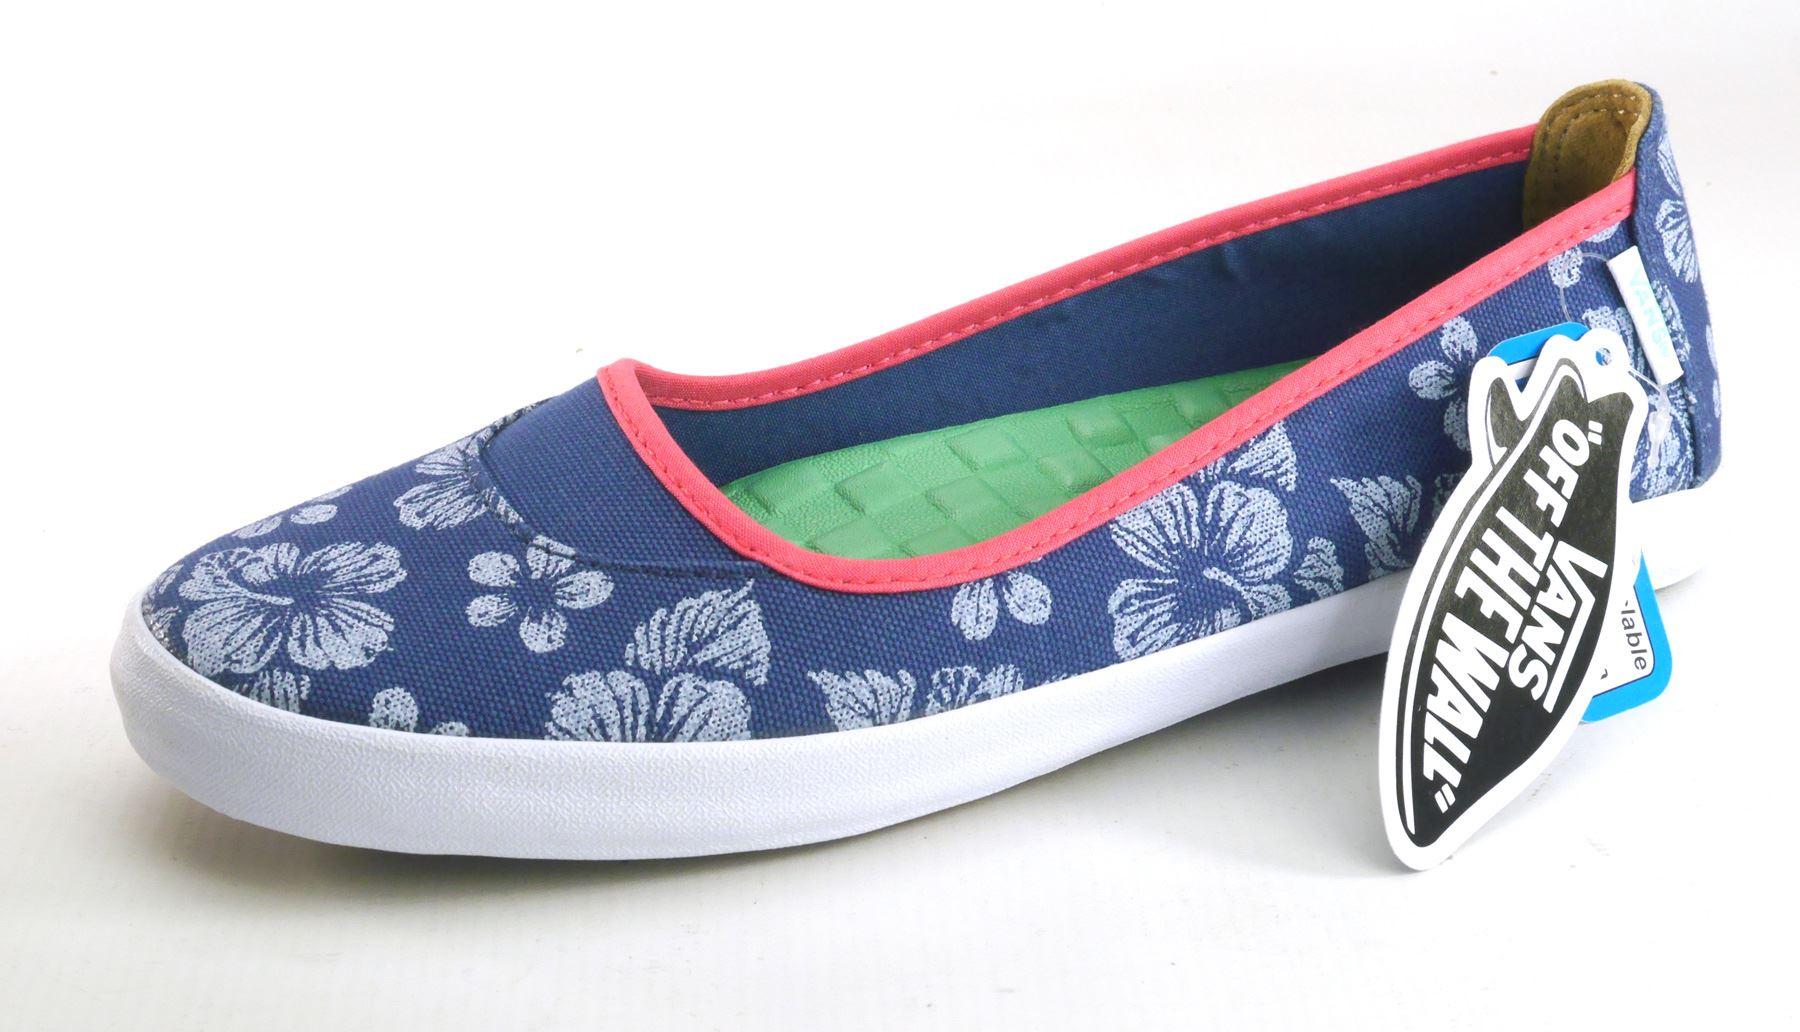 Damen Blumen Vans Vans Schuhe Schuhe Vans Vans Schuhe Damen